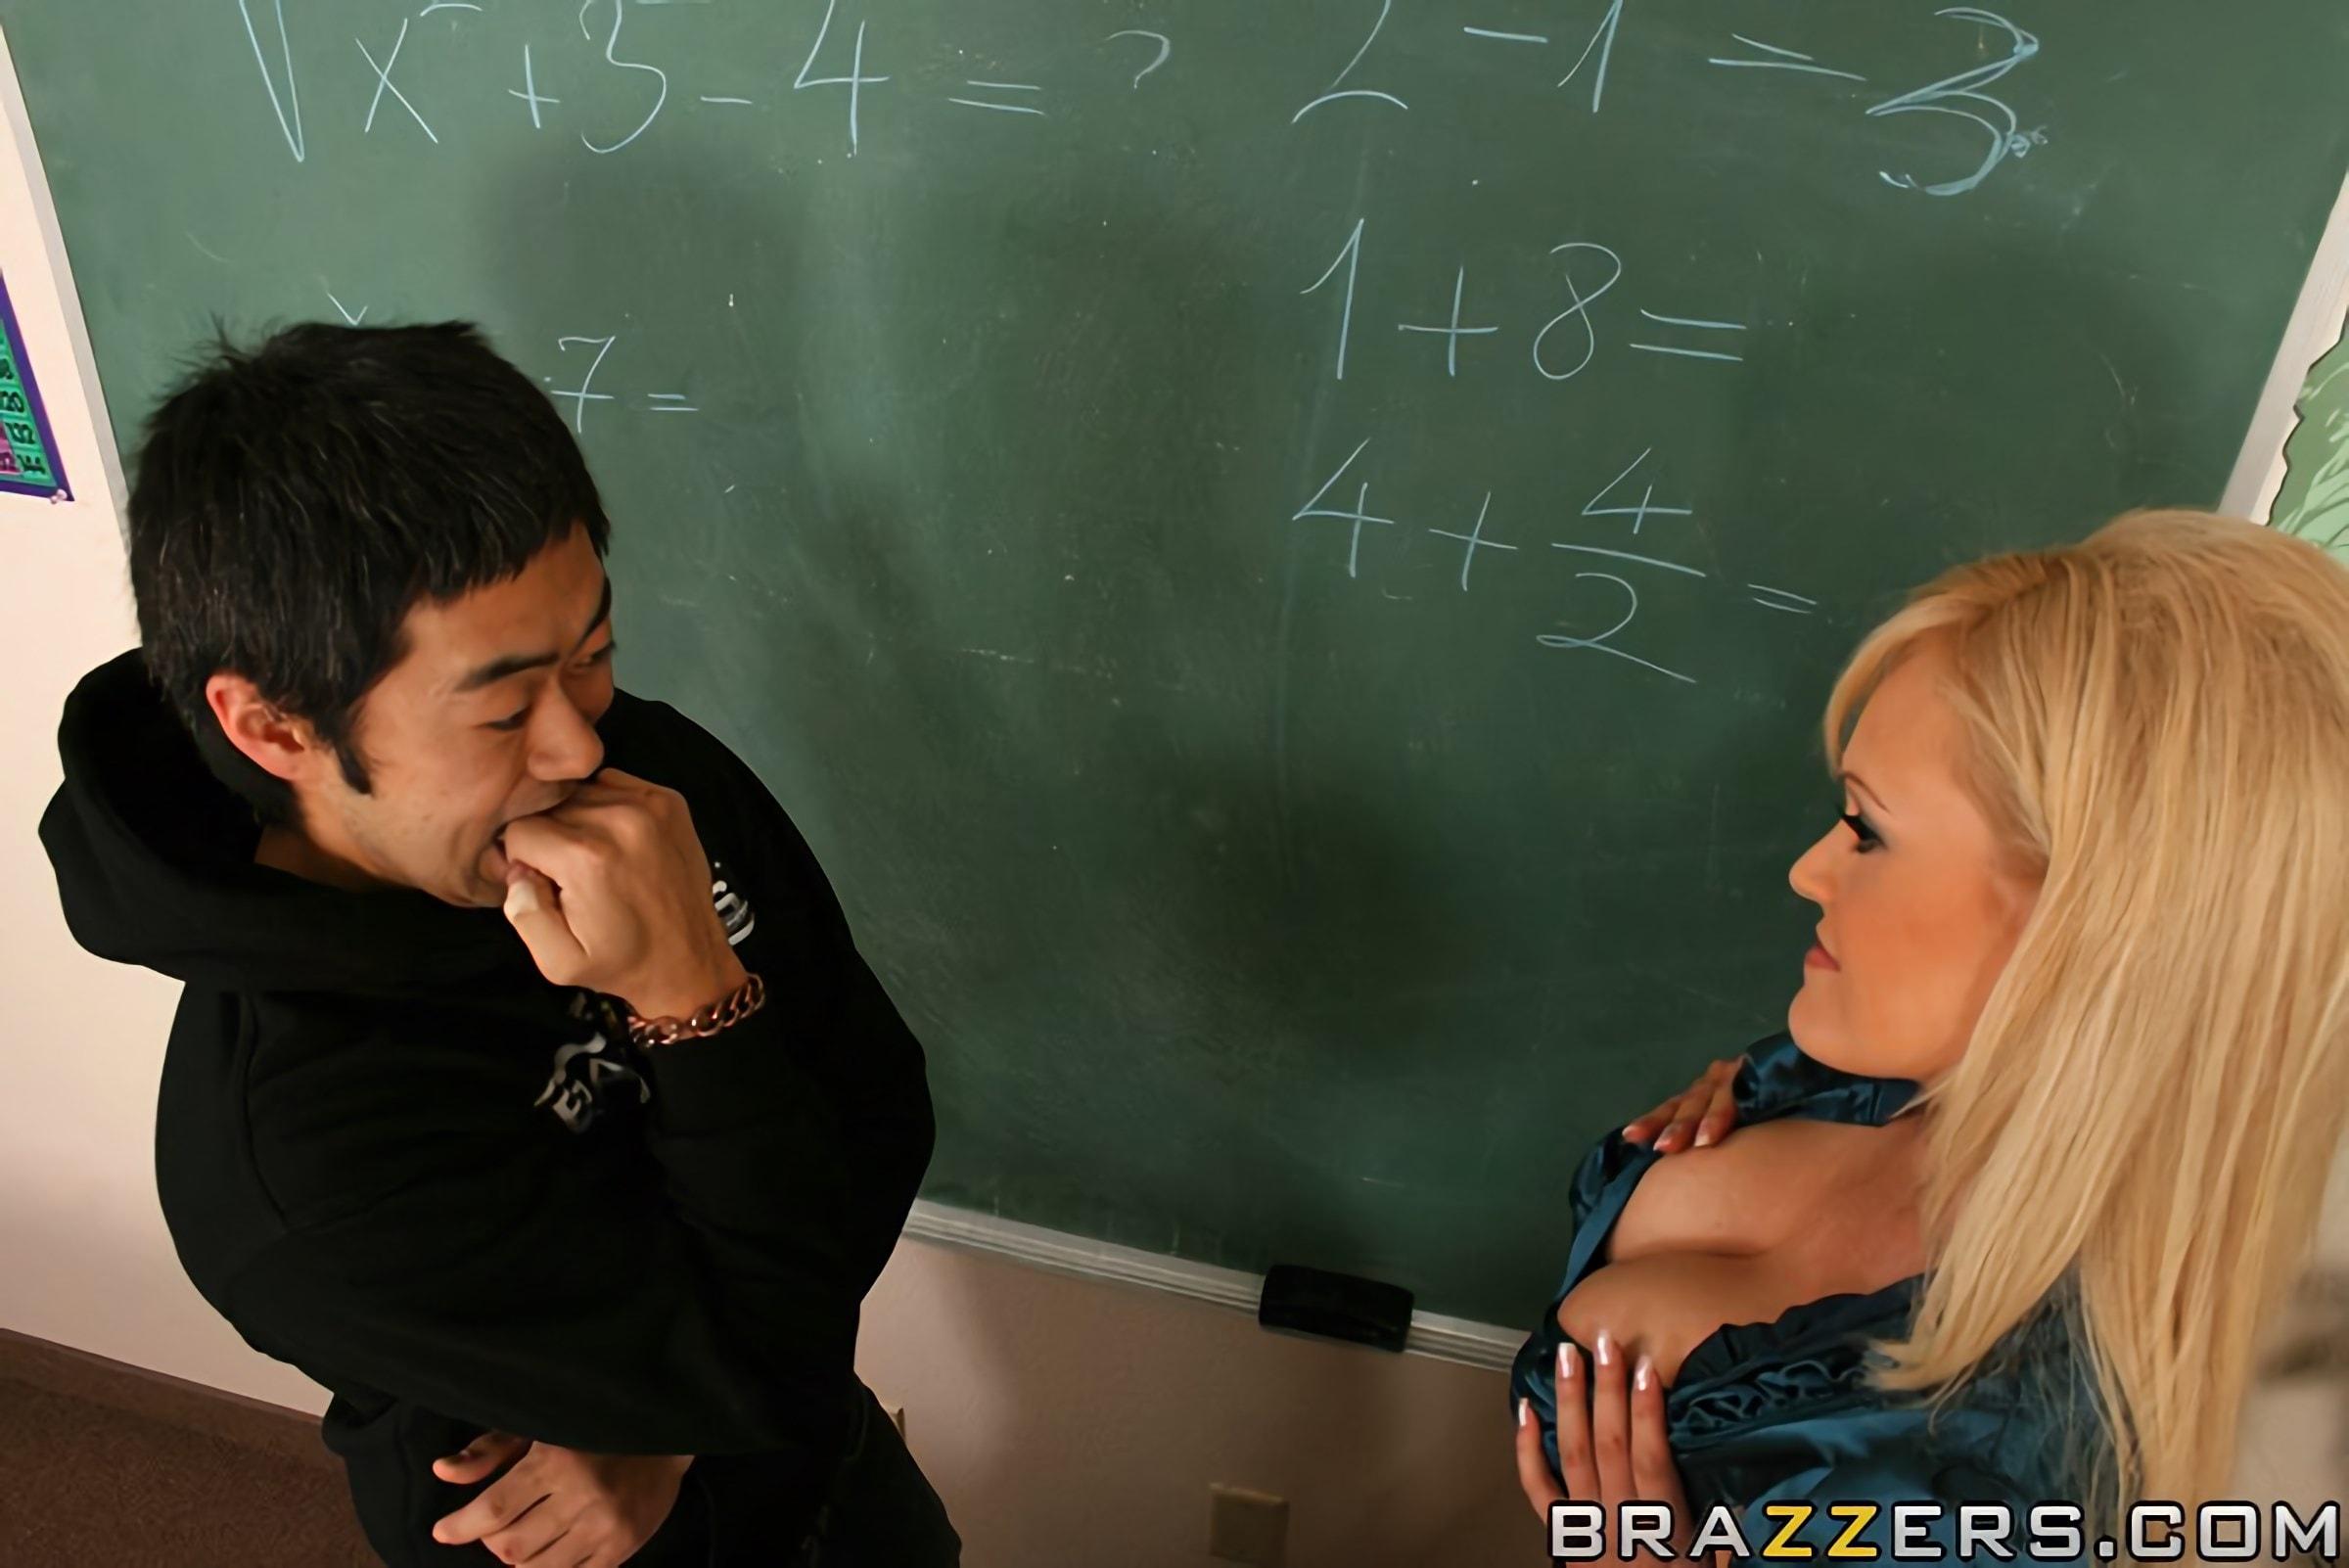 Brazzers 'Математика нового возраста' Ролях Nomi Sunshyne (Фото 5)